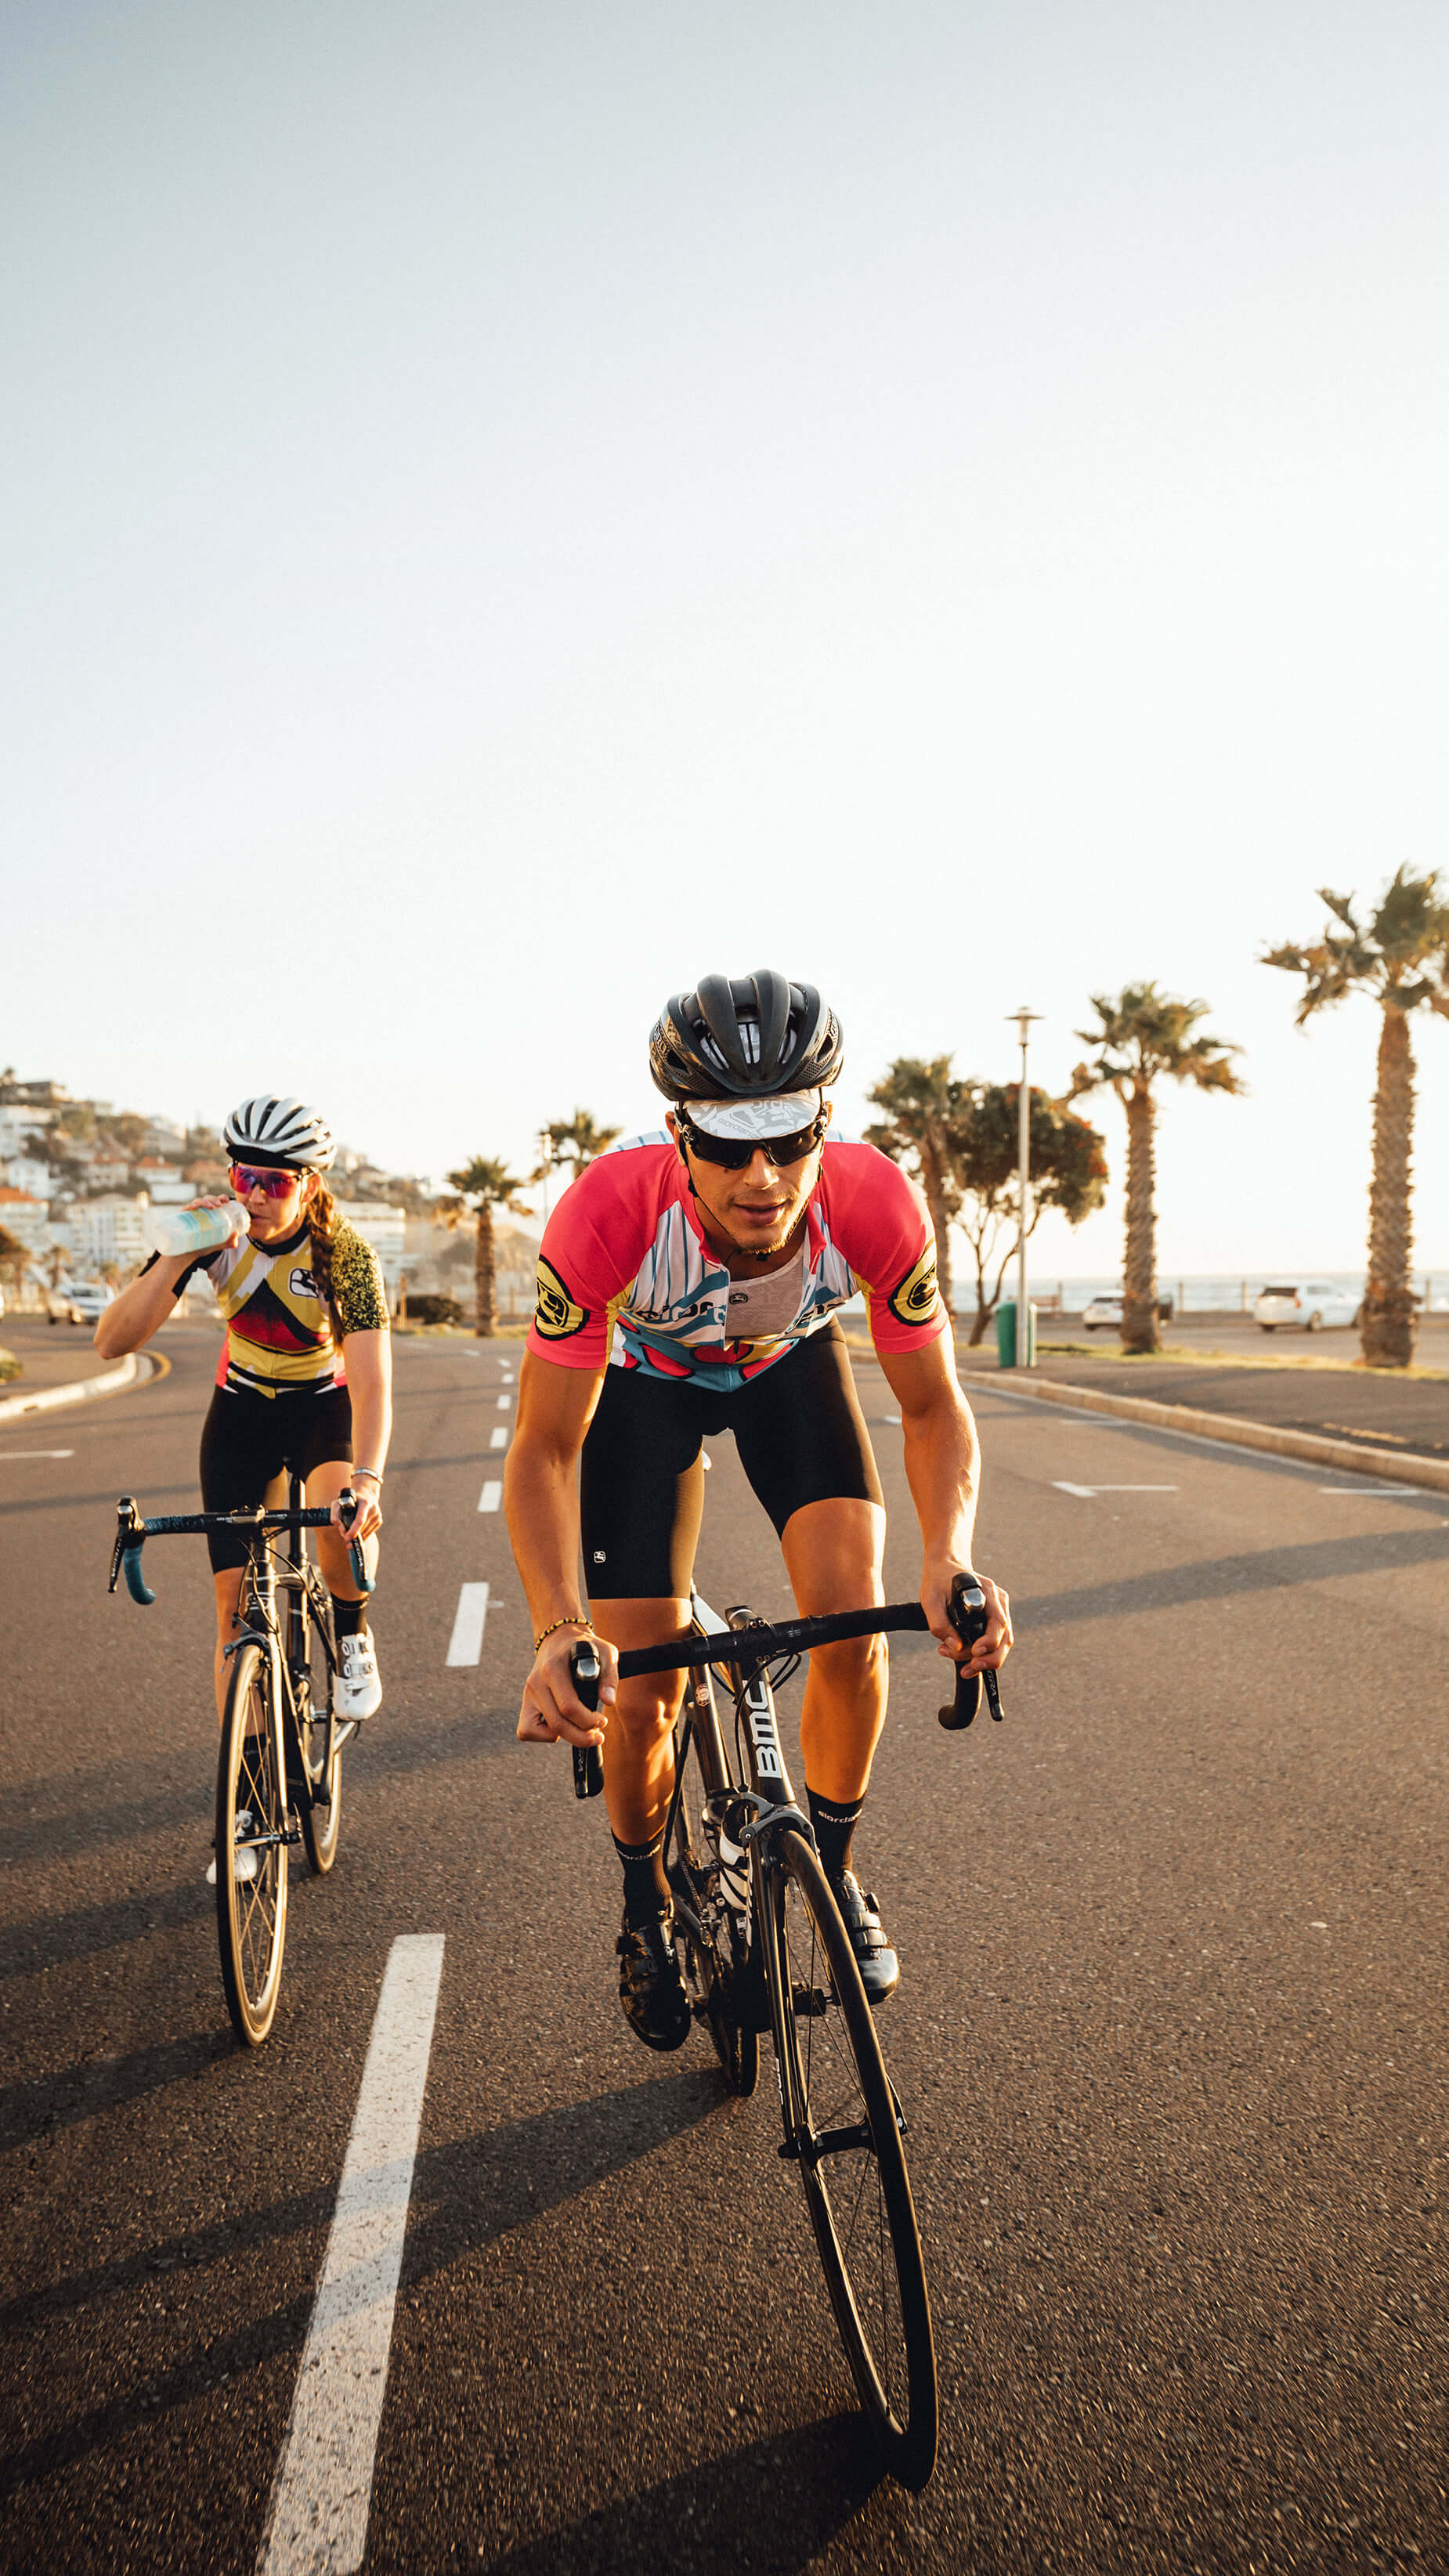 giordana-cycling-moda-retro-lookbook-tall-2-motivo-piramide